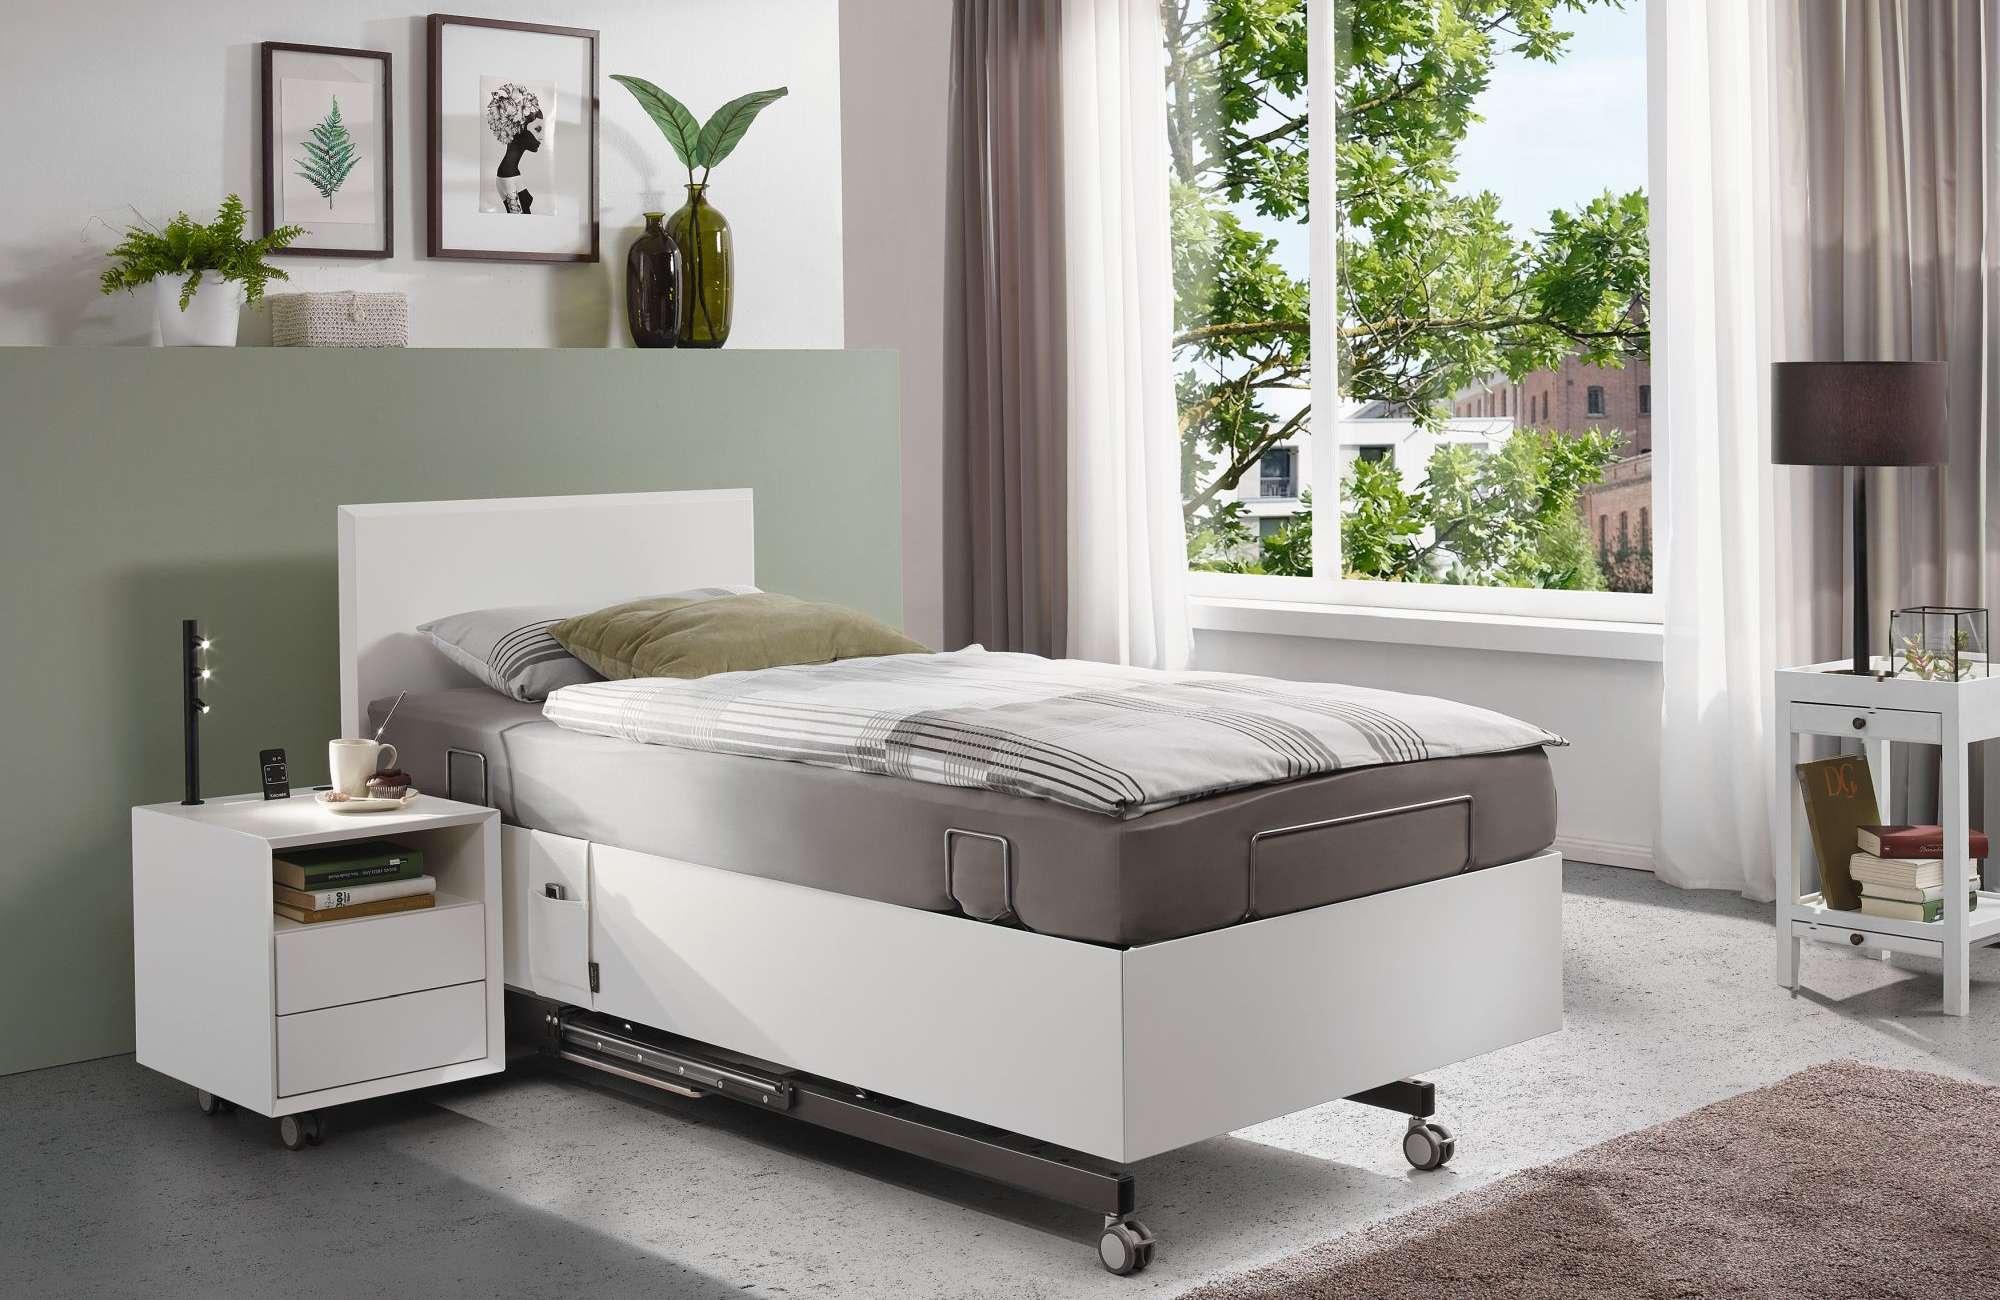 Kirchner Komfortbett aus der Traumwerkstatt Terhardt in Gladbeck in Weiß